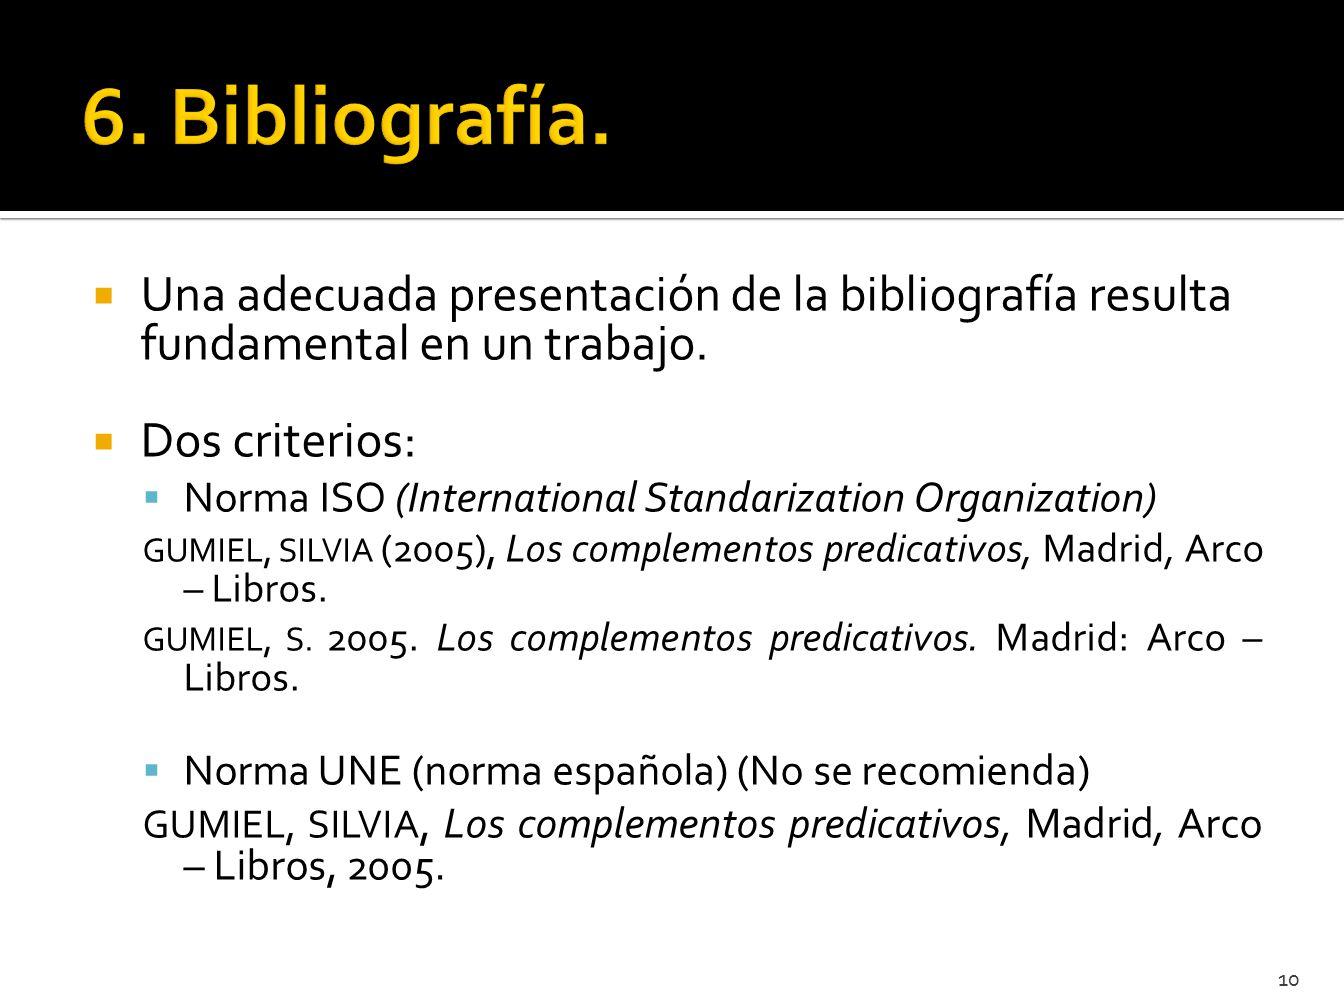 6. Bibliografía. Una adecuada presentación de la bibliografía resulta fundamental en un trabajo. Dos criterios: